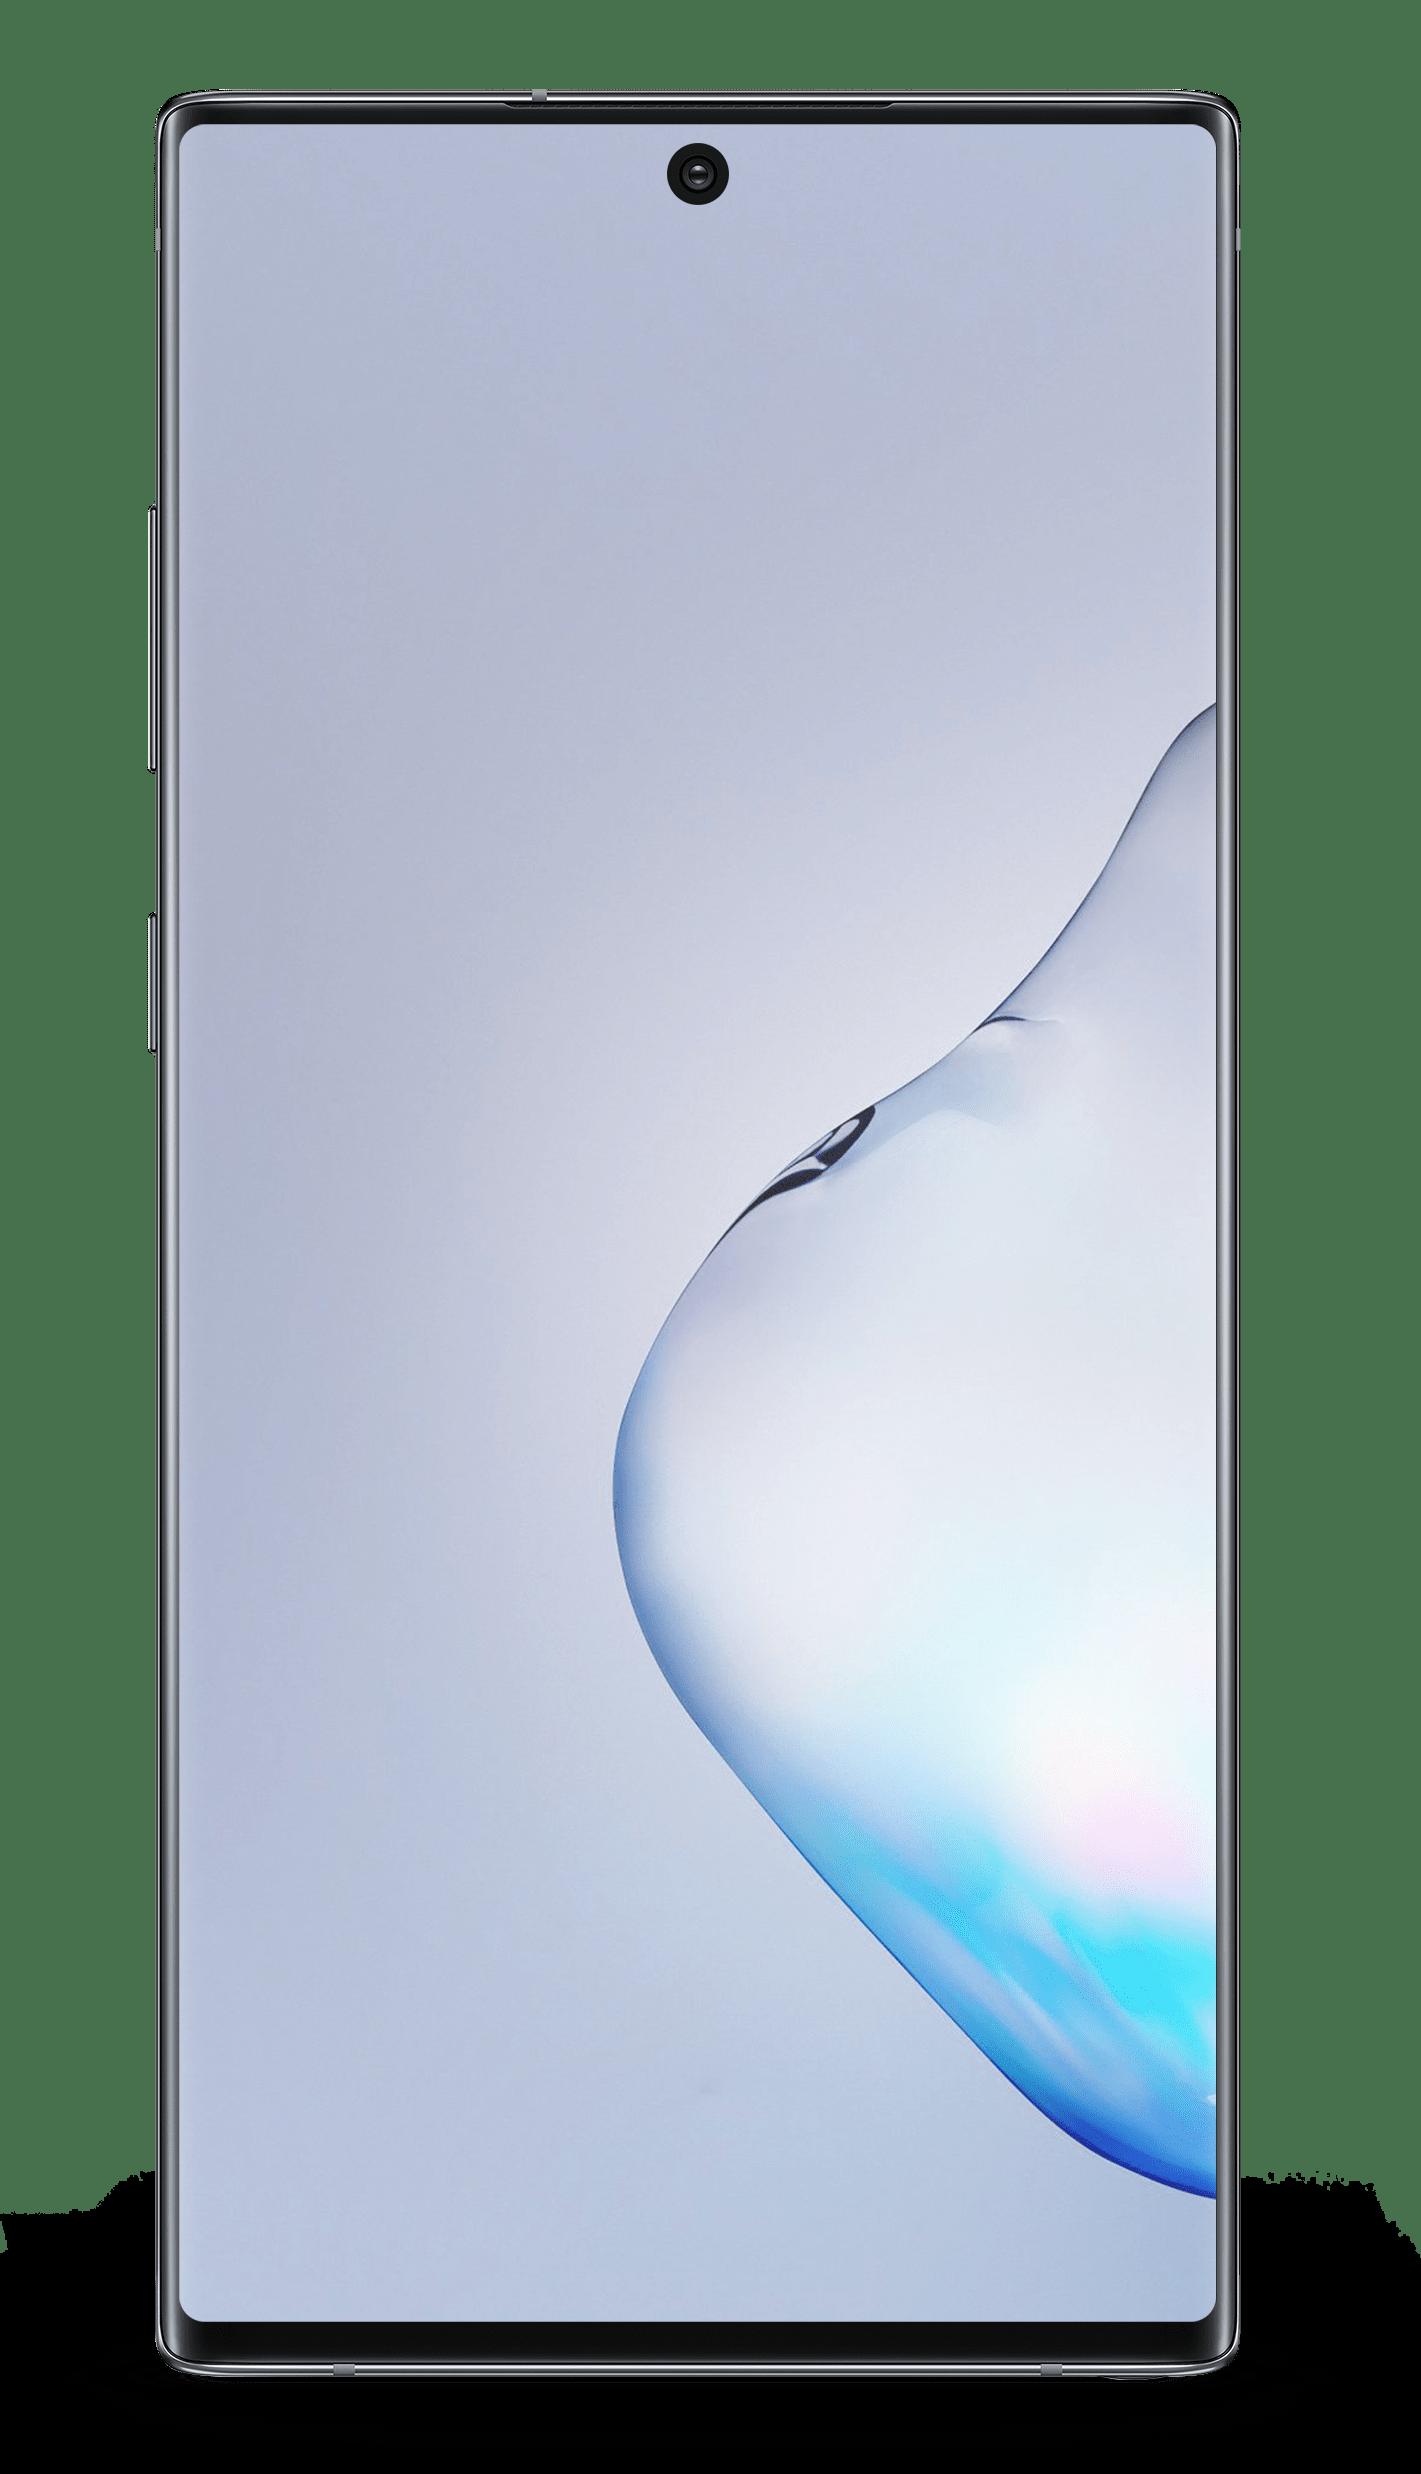 Troca de Vidro Samsung Note 10 Plus Para que a troca de vidro possa ser realizada, é importante que a tela do cliente esteja totalmente operacional, acendendo, com touch respondendo e sem manchas. Exceções: Pequenas manchas que não interferem na utilização permitem que o processo seja realizado.